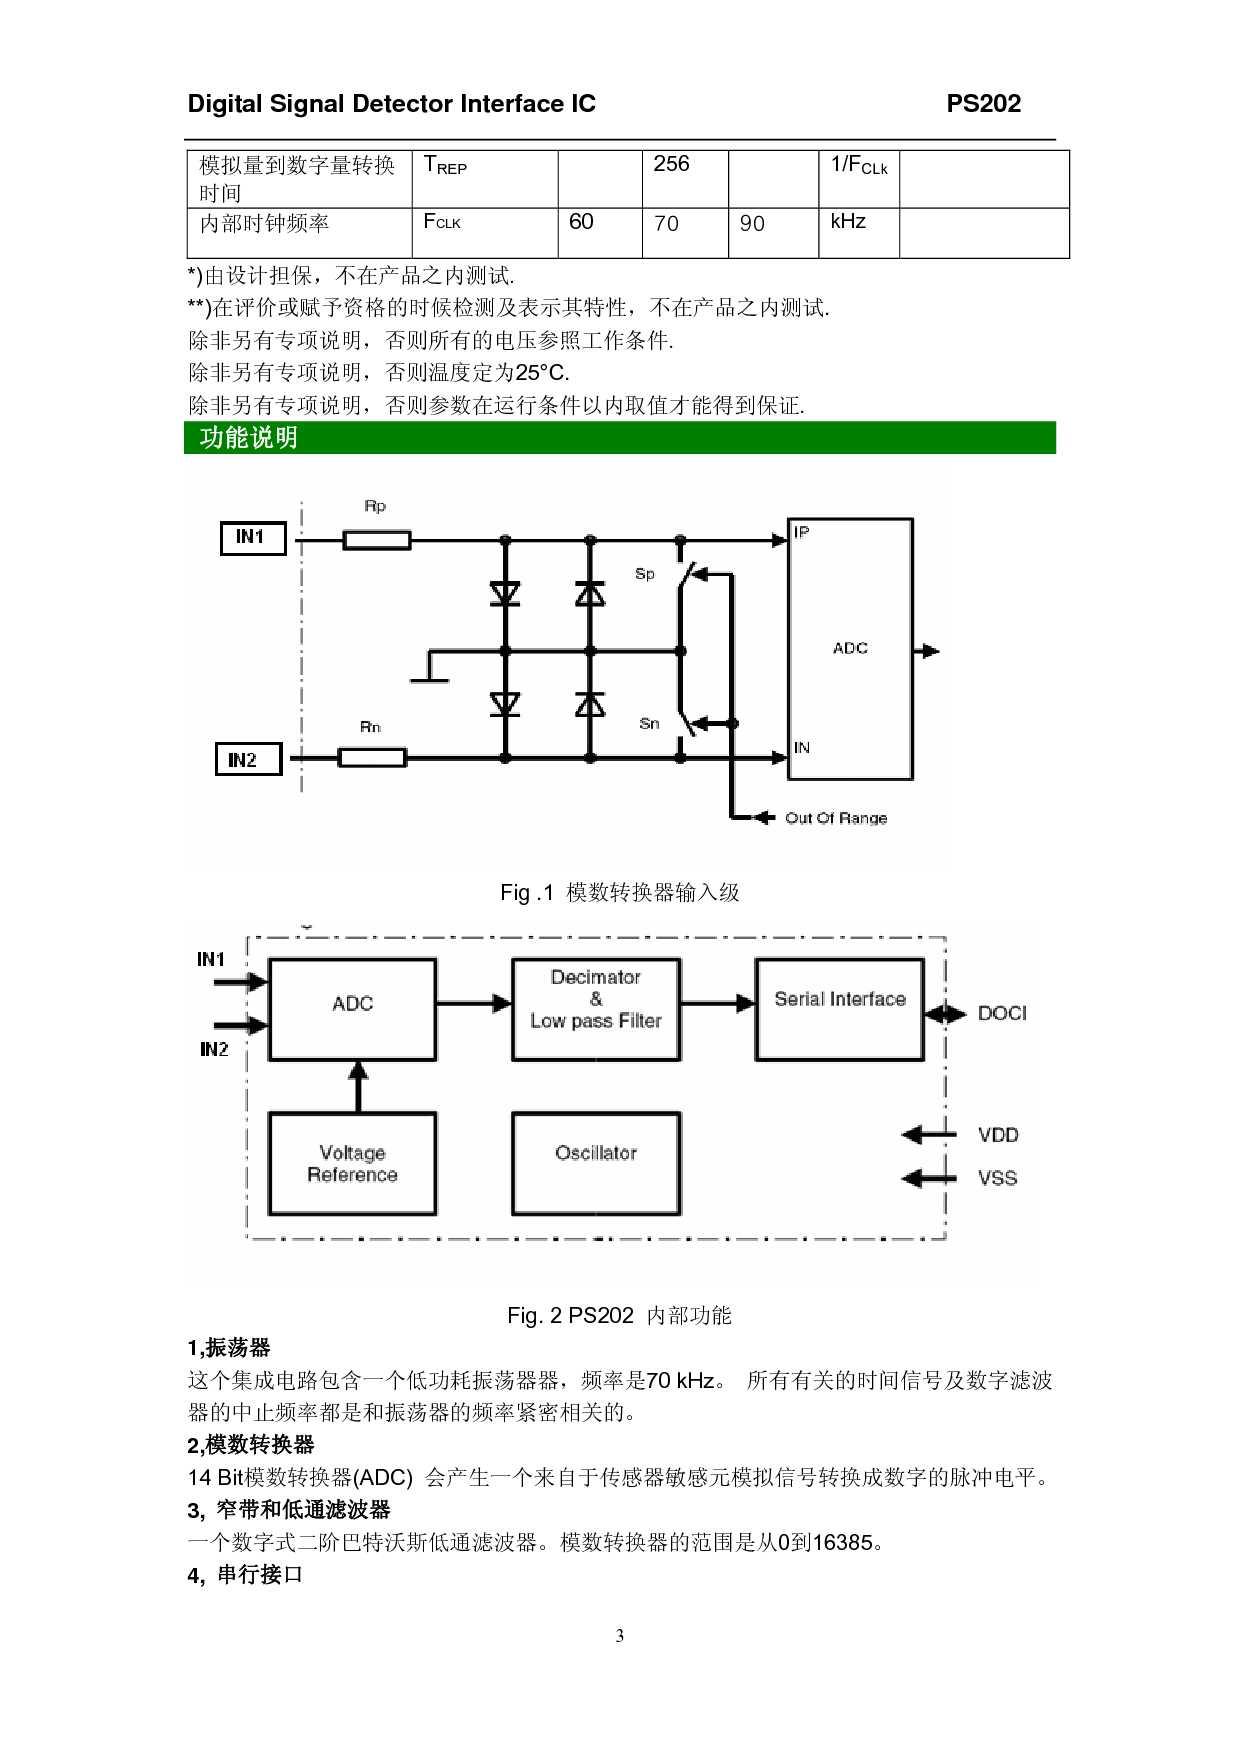 传感器信号检测及数字处理接口电路ps202